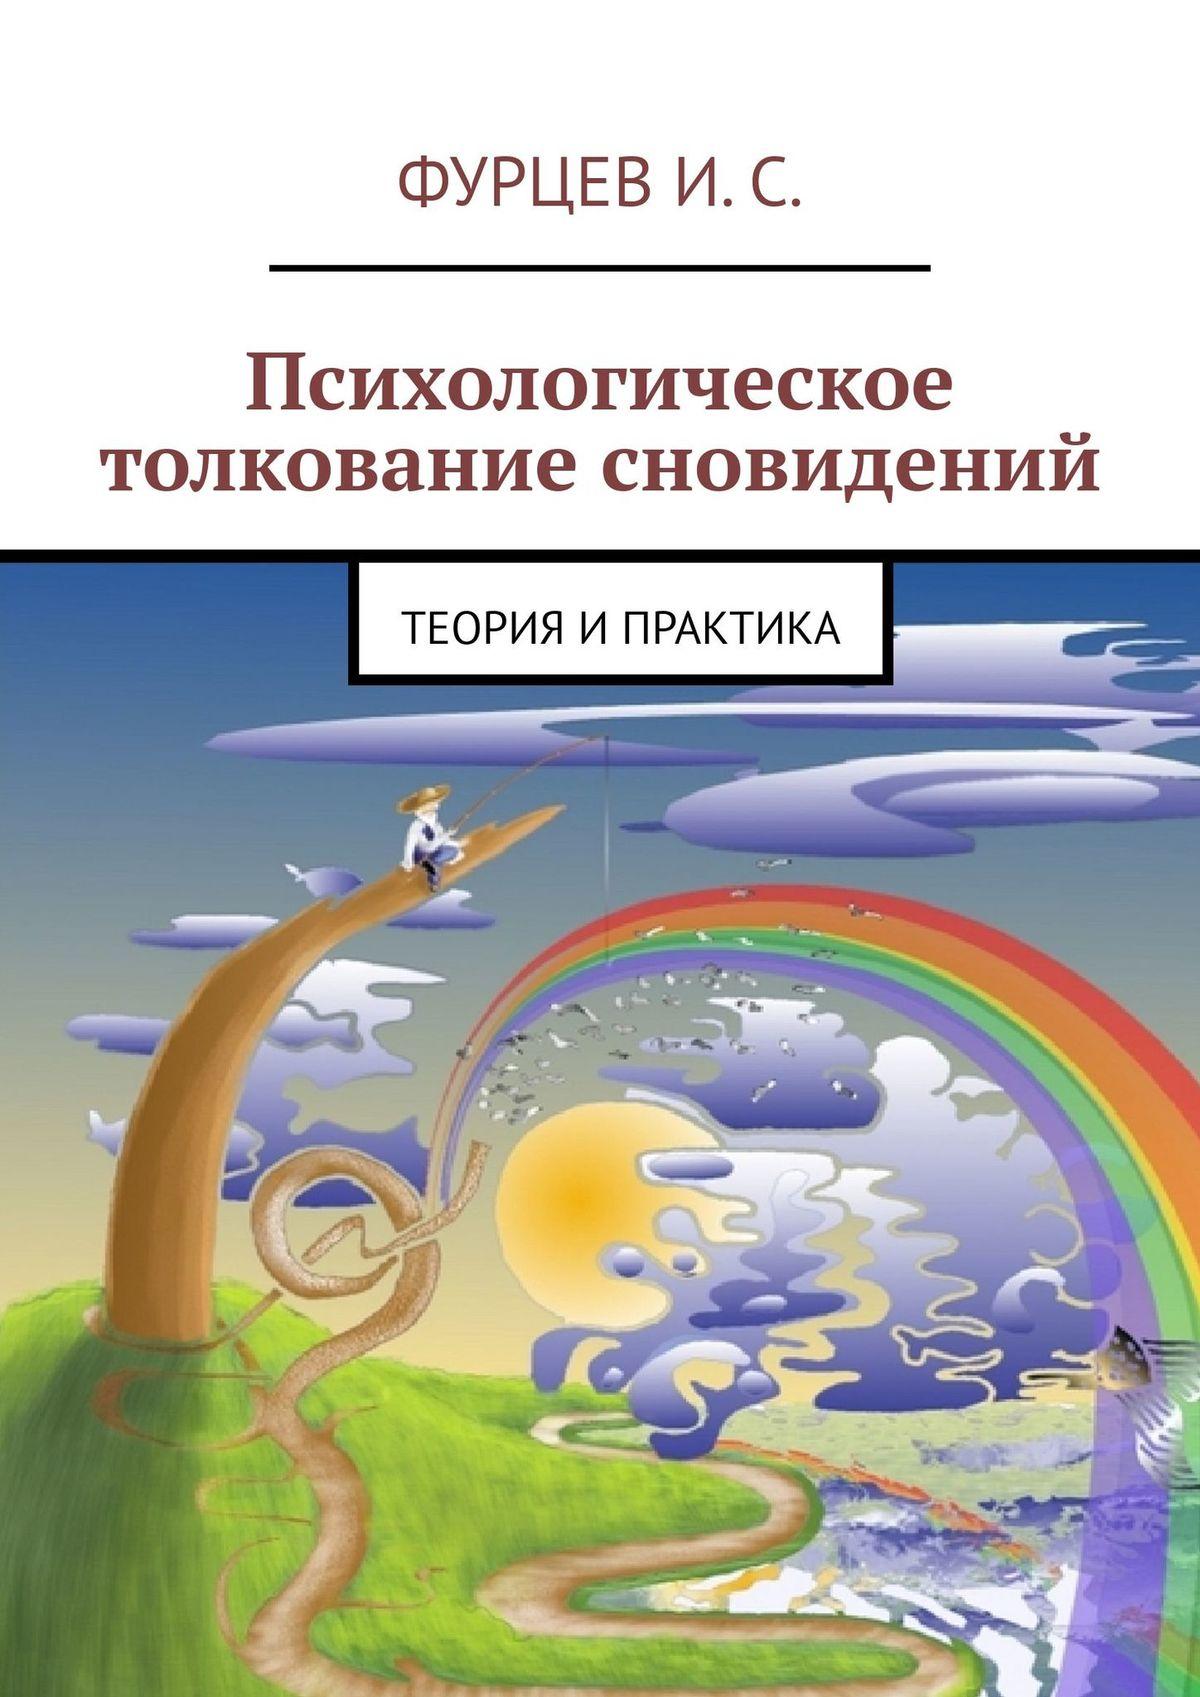 Иван Сергеевич Фурцев Психологическое толкование сновидений. Теория ипрактика игорь сухих структура и смысл теория литературы для всех